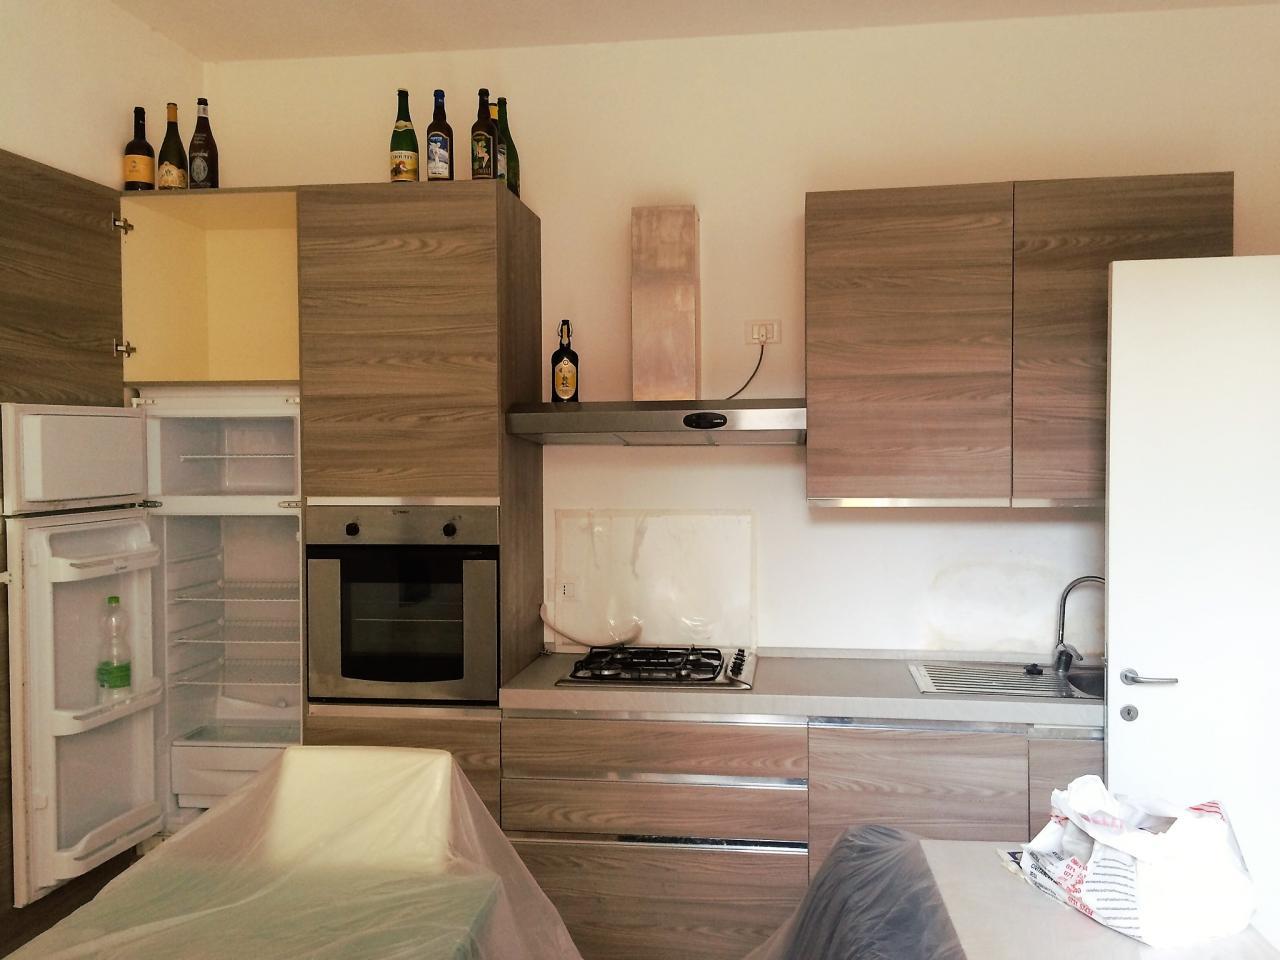 Appartamento in vendita a San Benedetto del Tronto, 2 locali, zona Località: ZonaCentrale, prezzo € 155.000 | CambioCasa.it